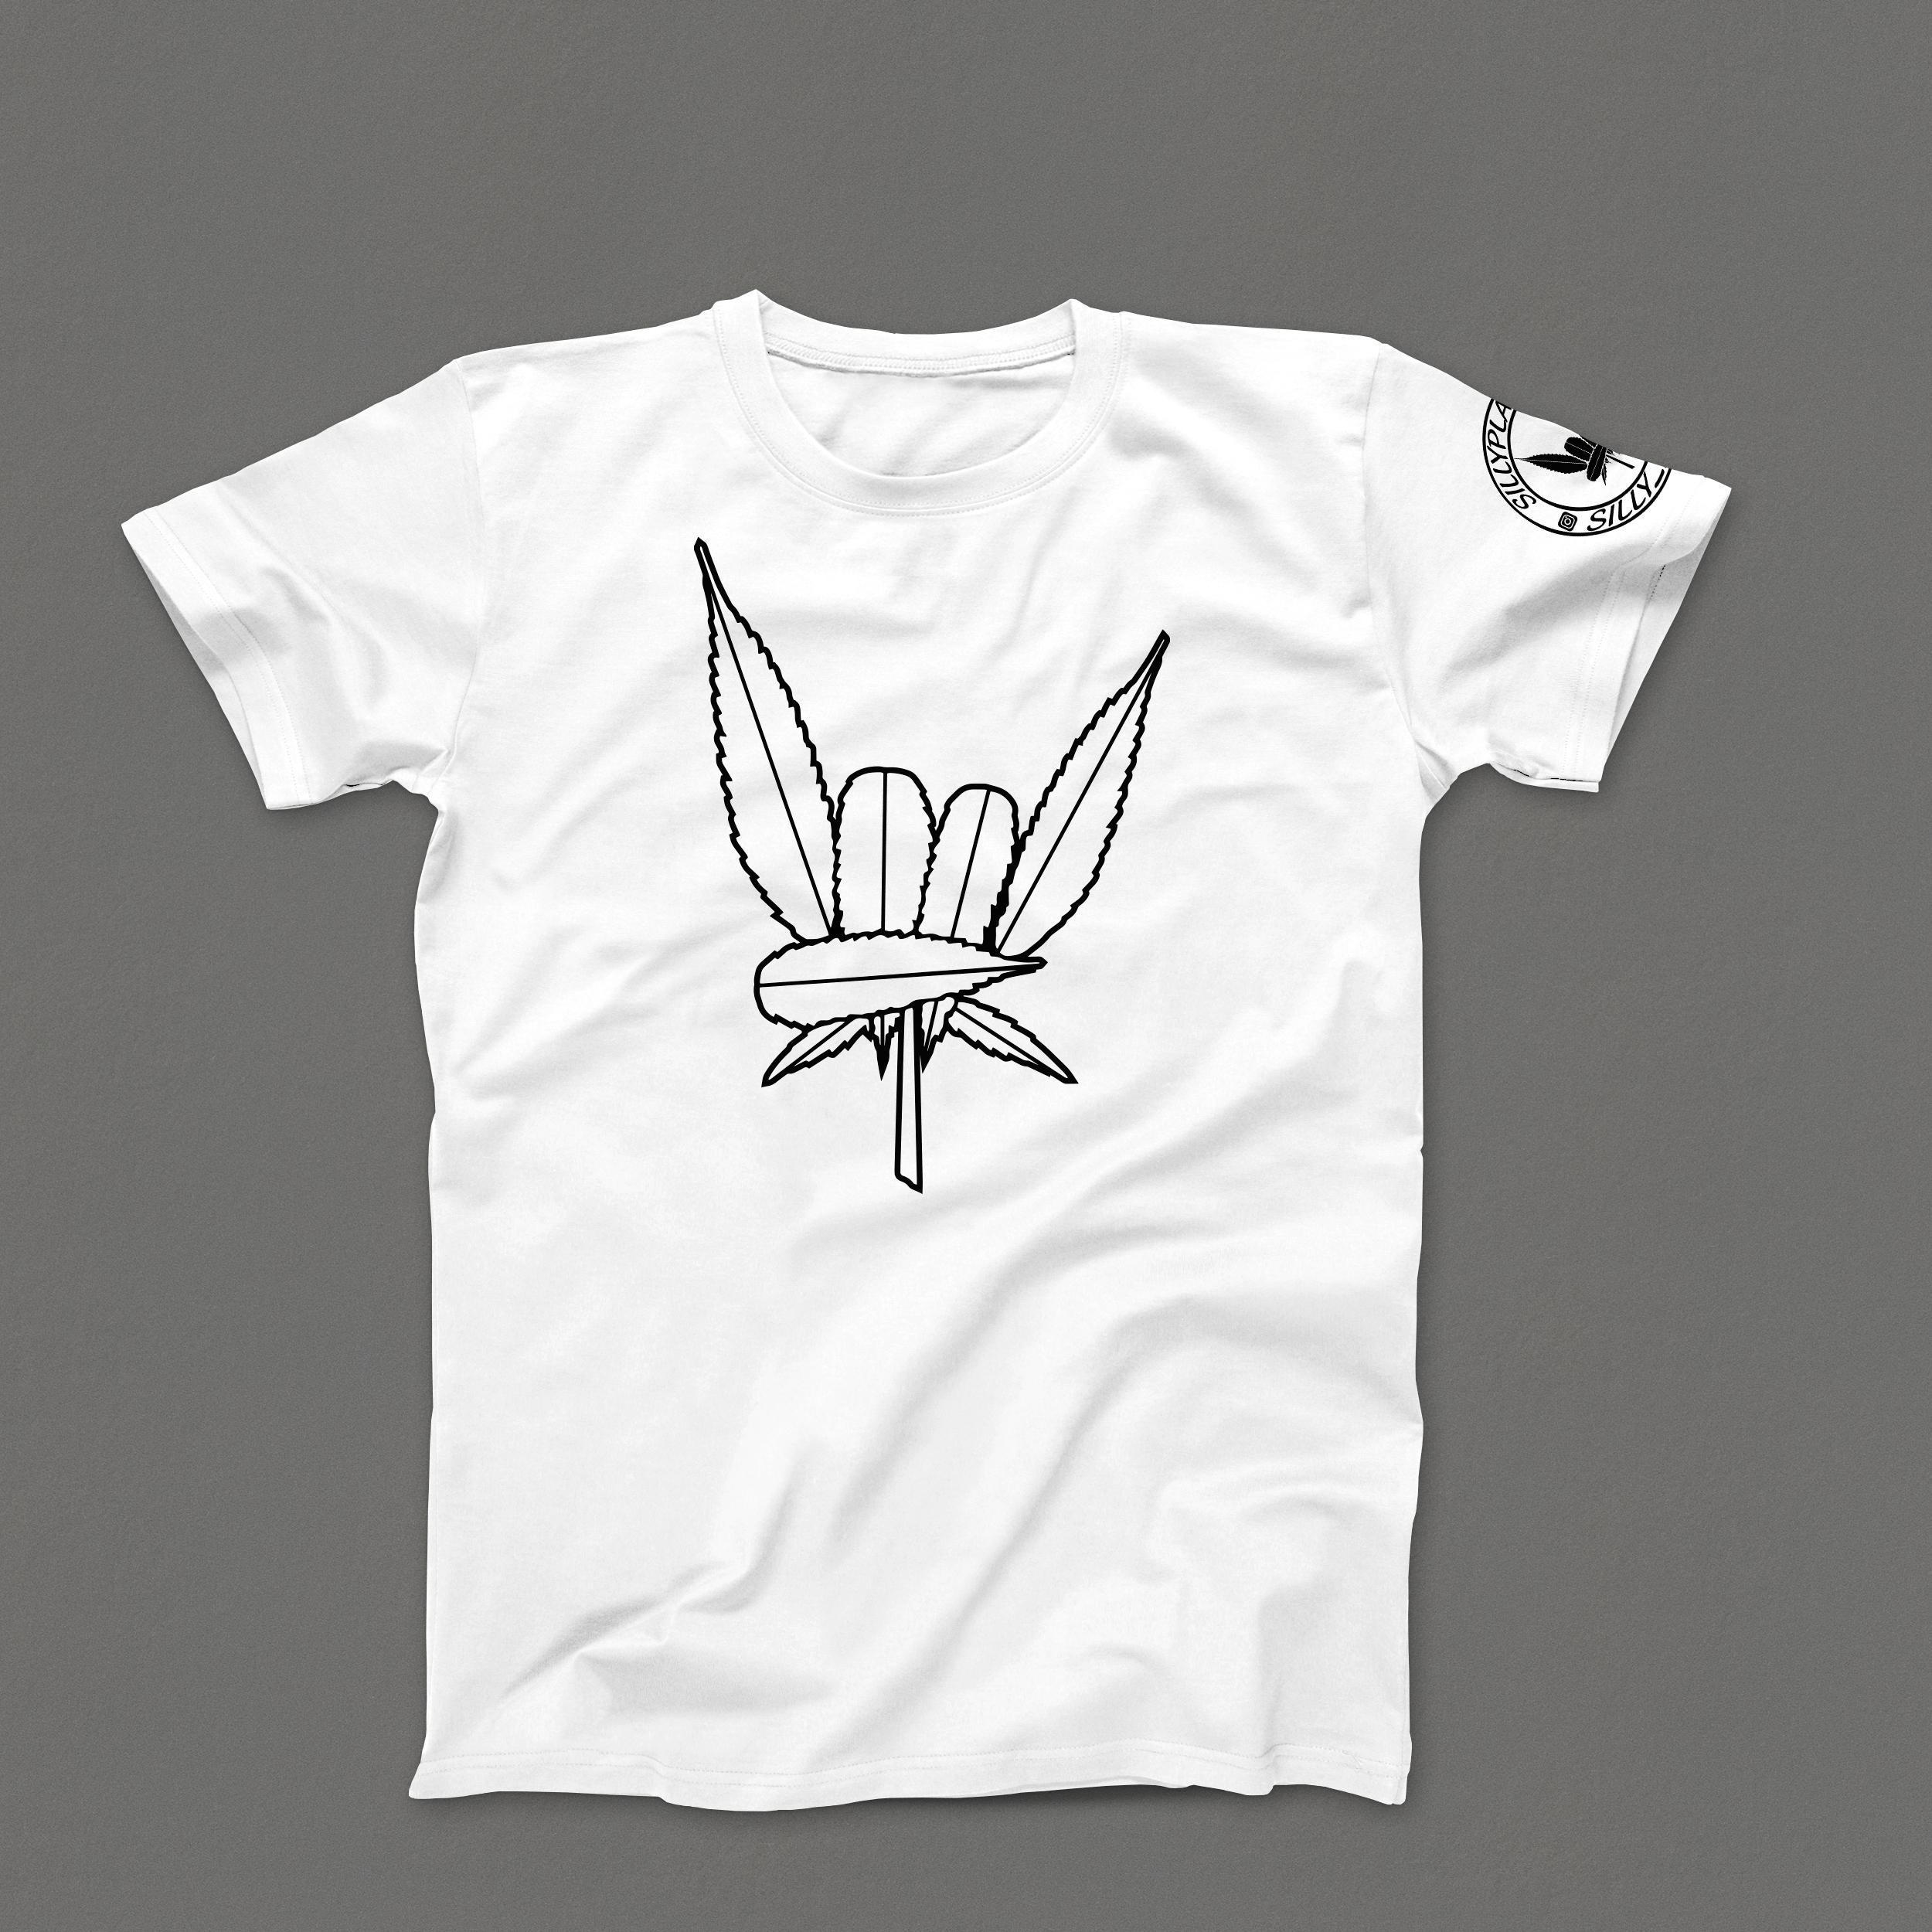 Logo Outlined T-Shirt Mockup Template.jpg